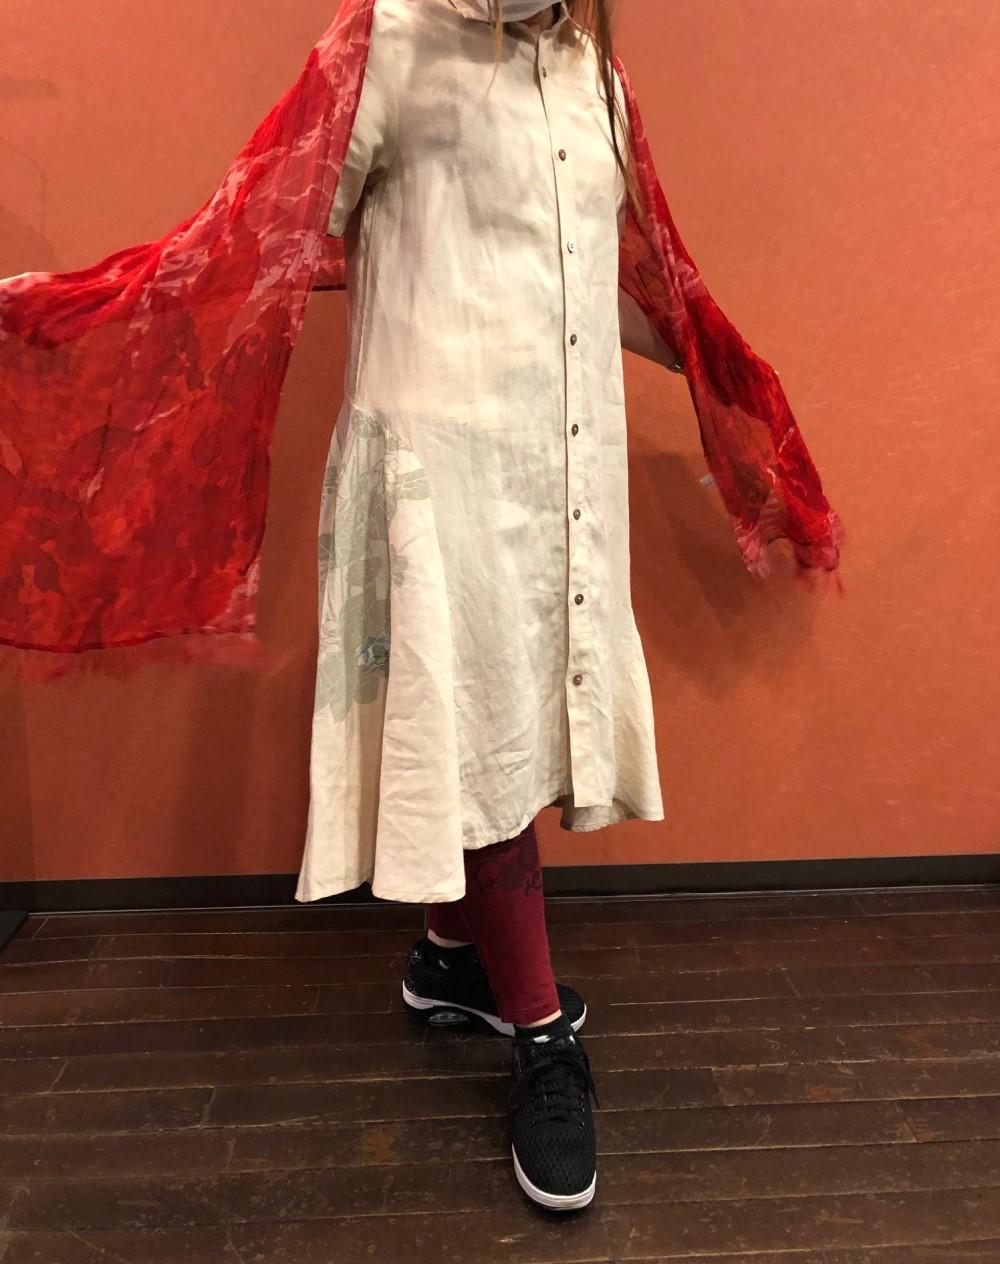 ふわり裾舞花ワンピース (2)